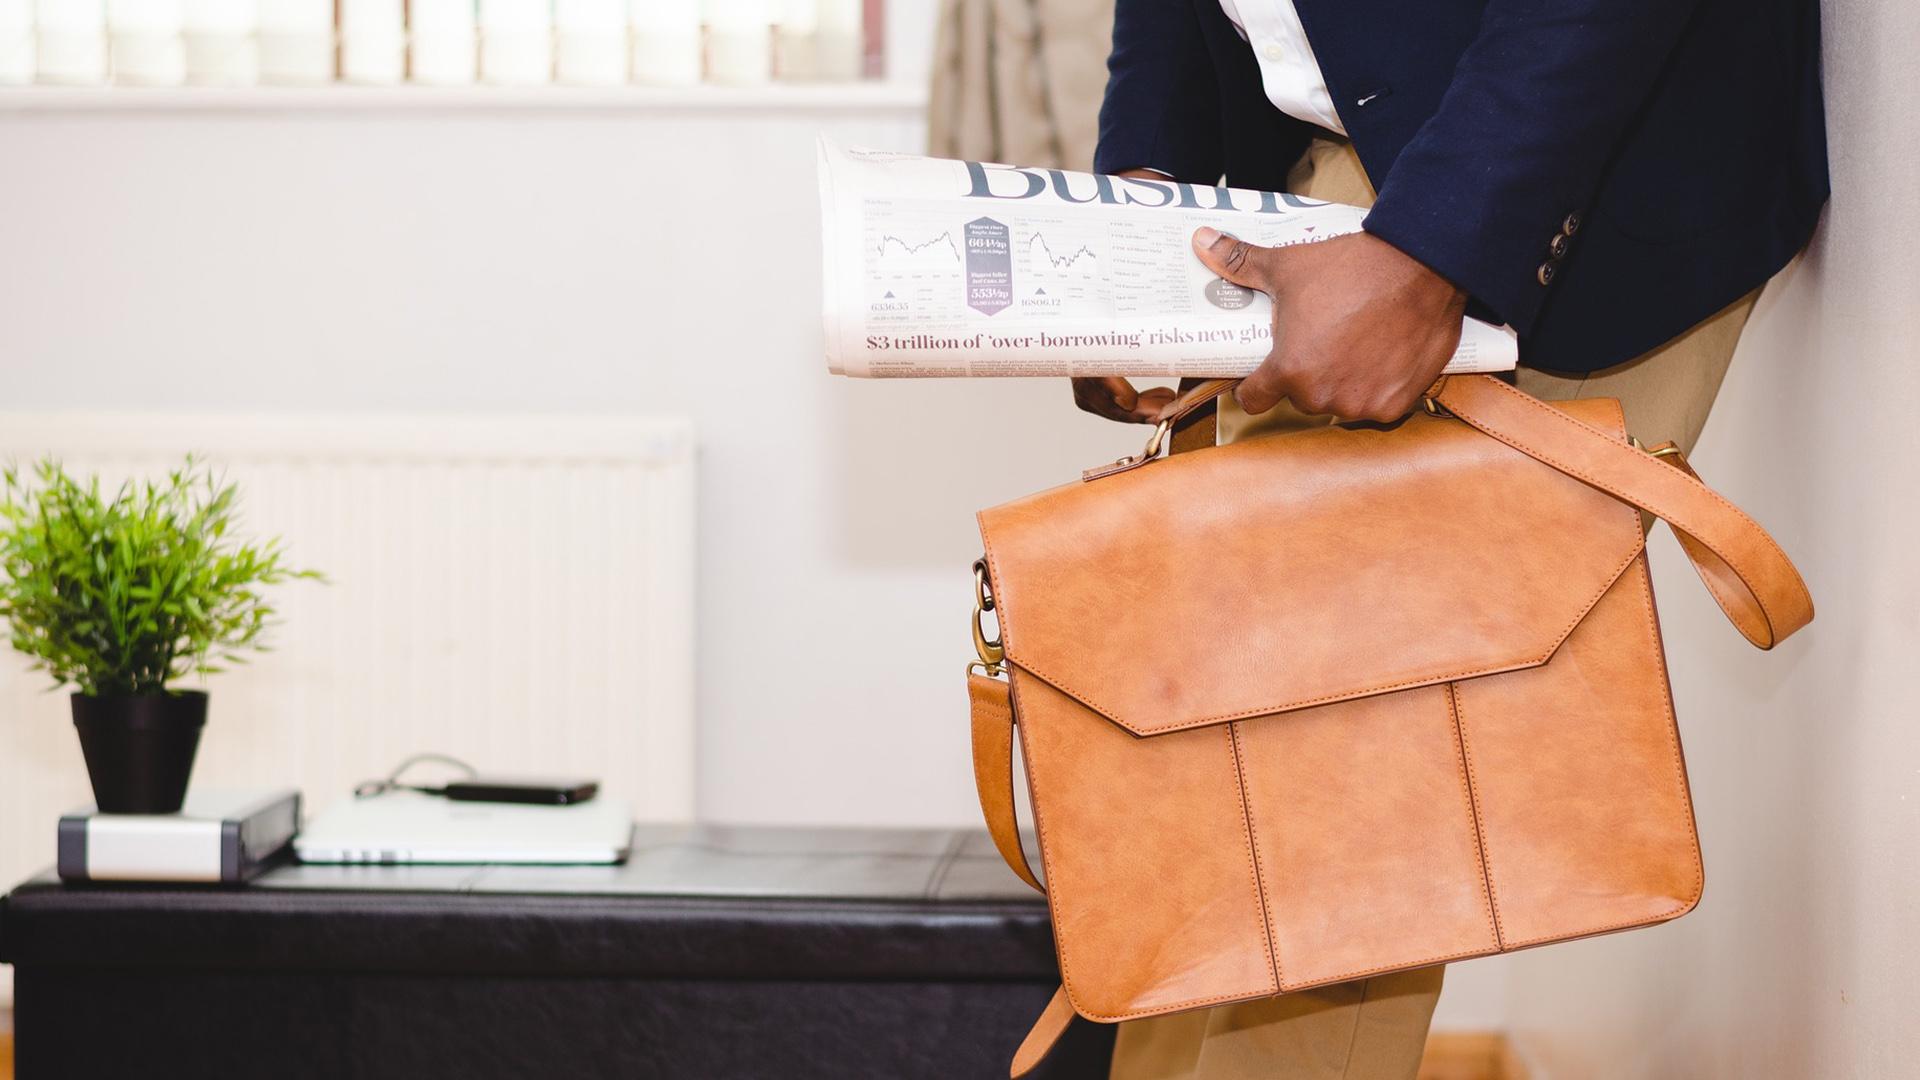 O processo de solicitação de visto americano pode ser burocrático e cheio de questões desconhecidas, fique atento e busque por orientação.